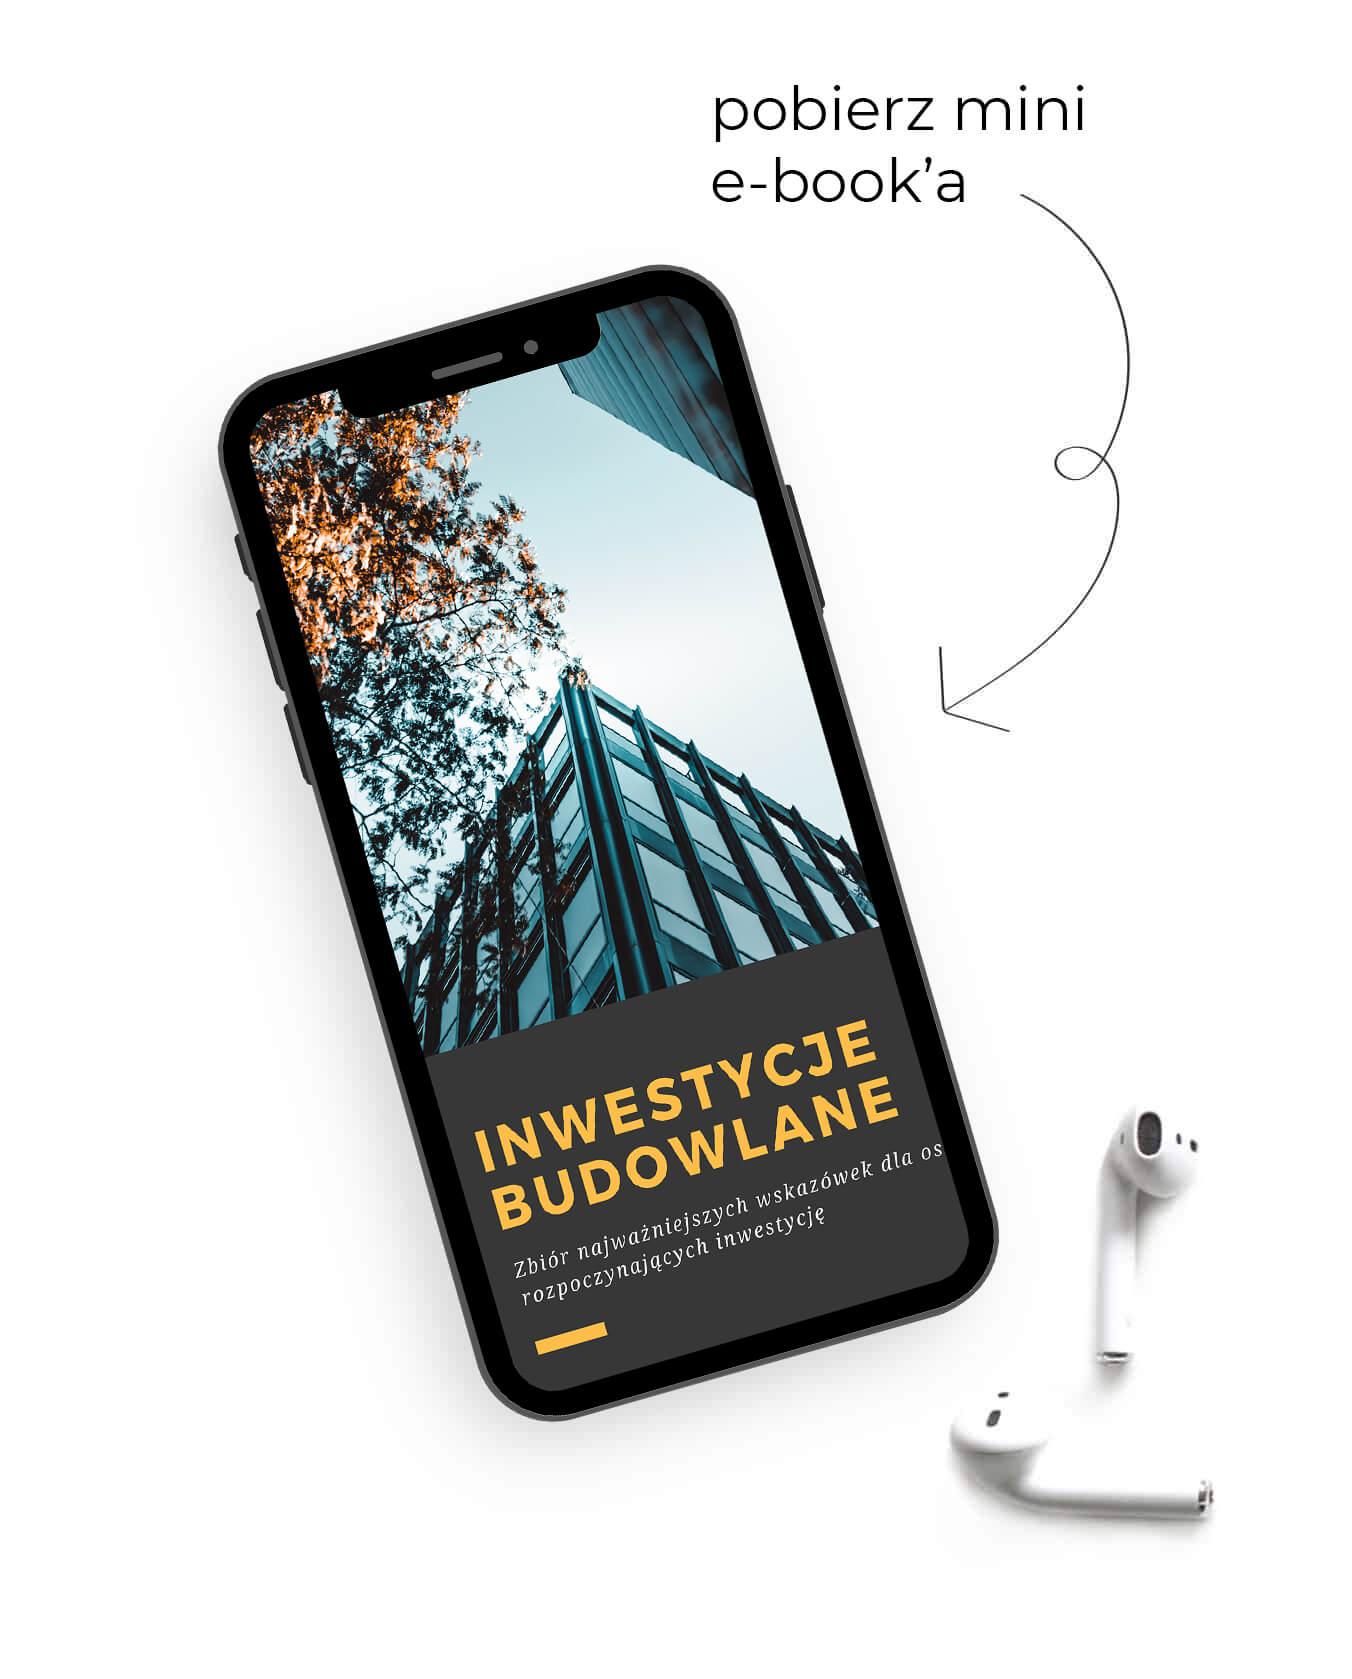 moja okładka mini e-booka wyświetlona na telefonie